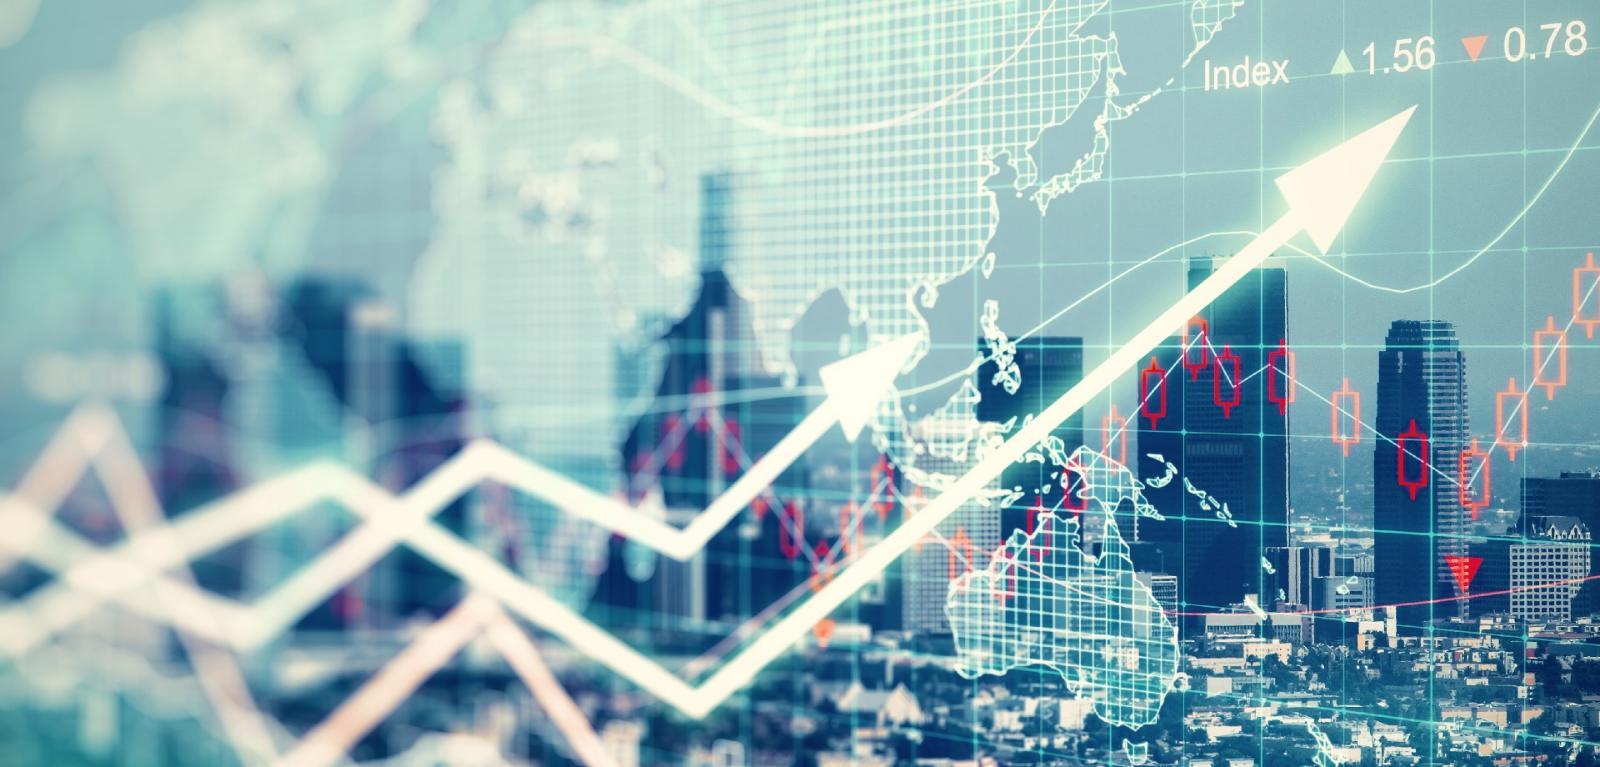 economic factors - Недельный обзор криптовалют с 22 по 28 октября